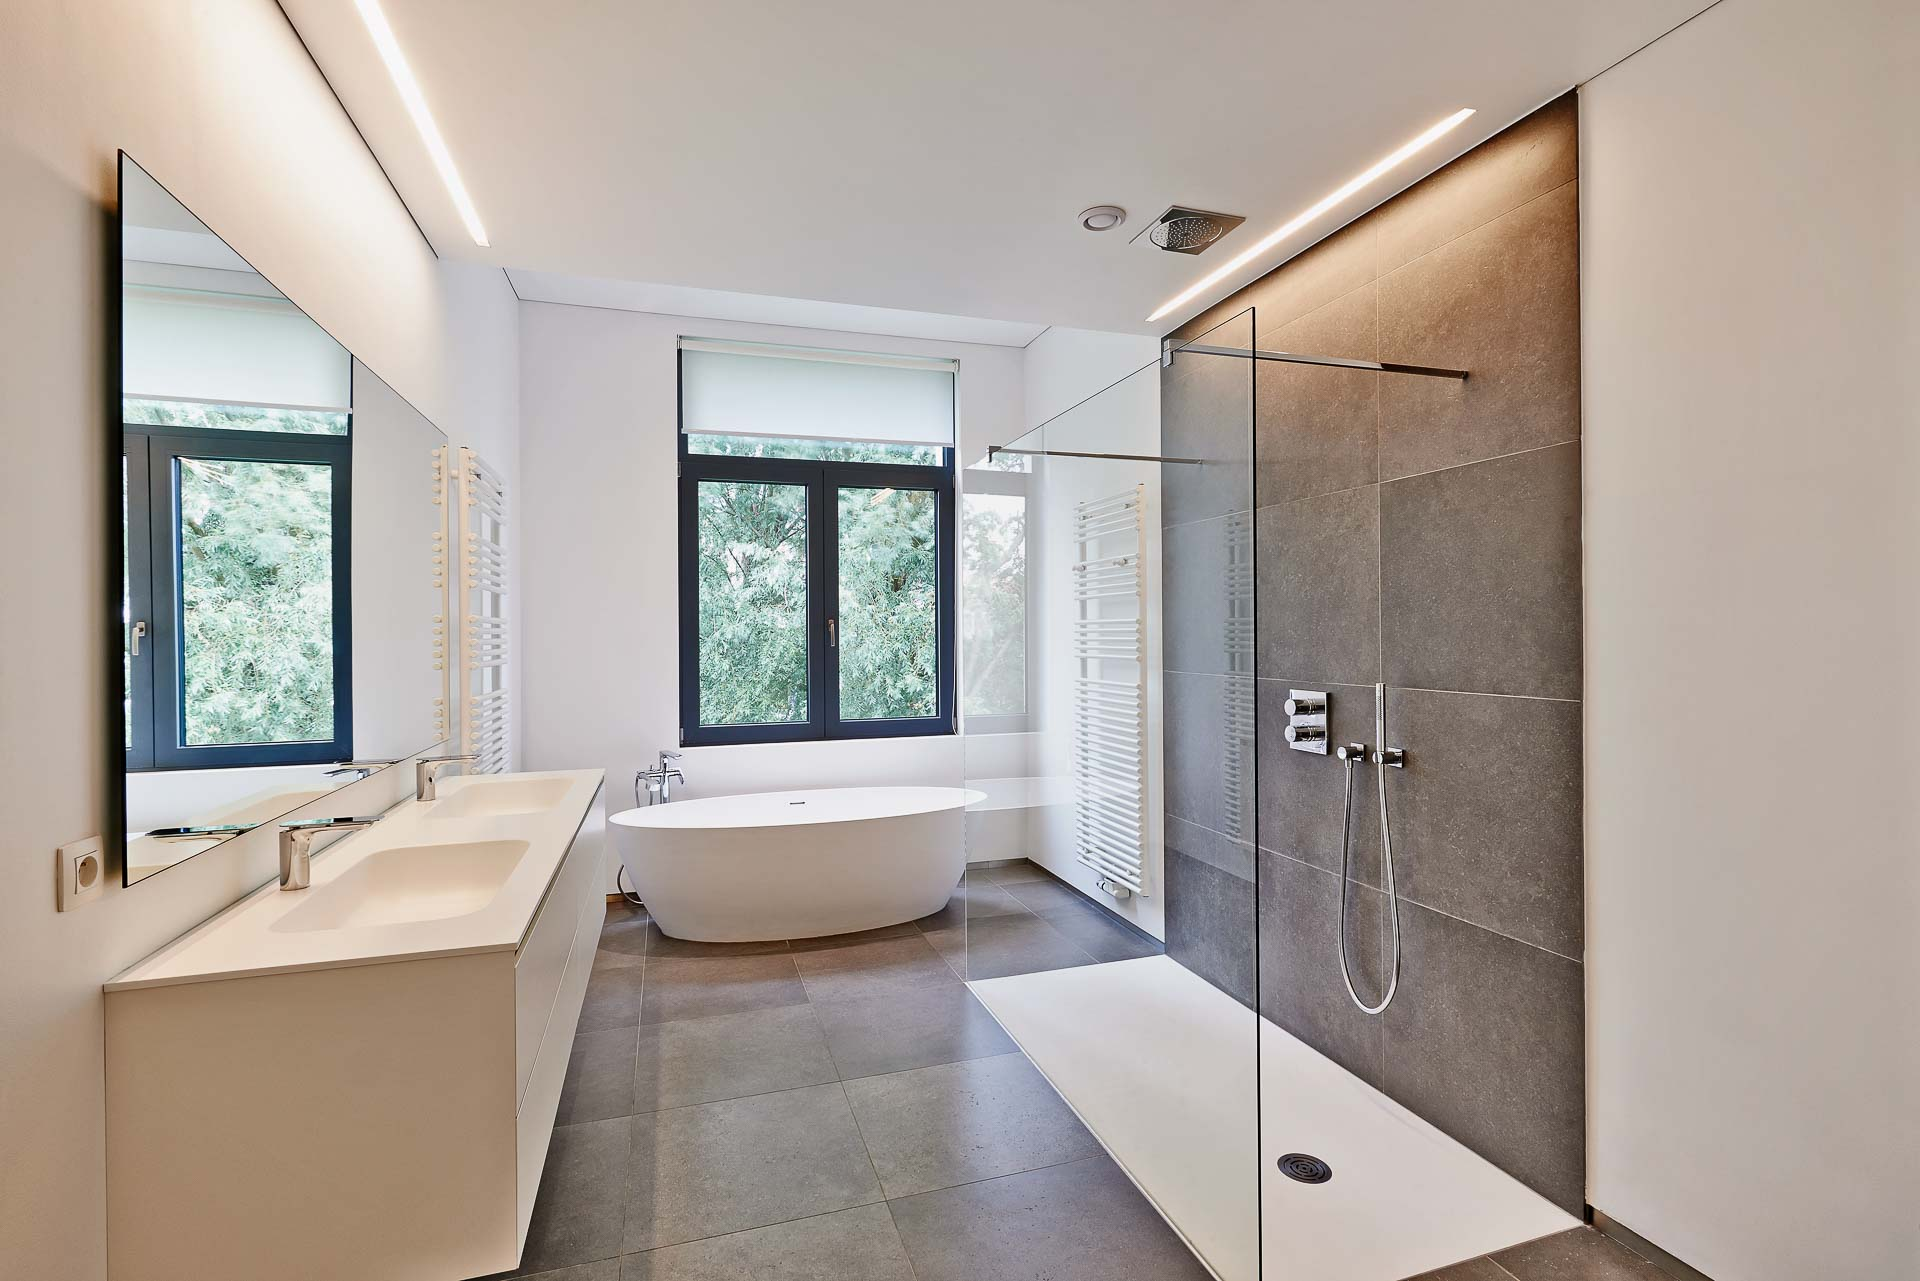 Nieuwe Badkamer Limburg : Specialist in badkamer en toilet renovatie jaco limburg